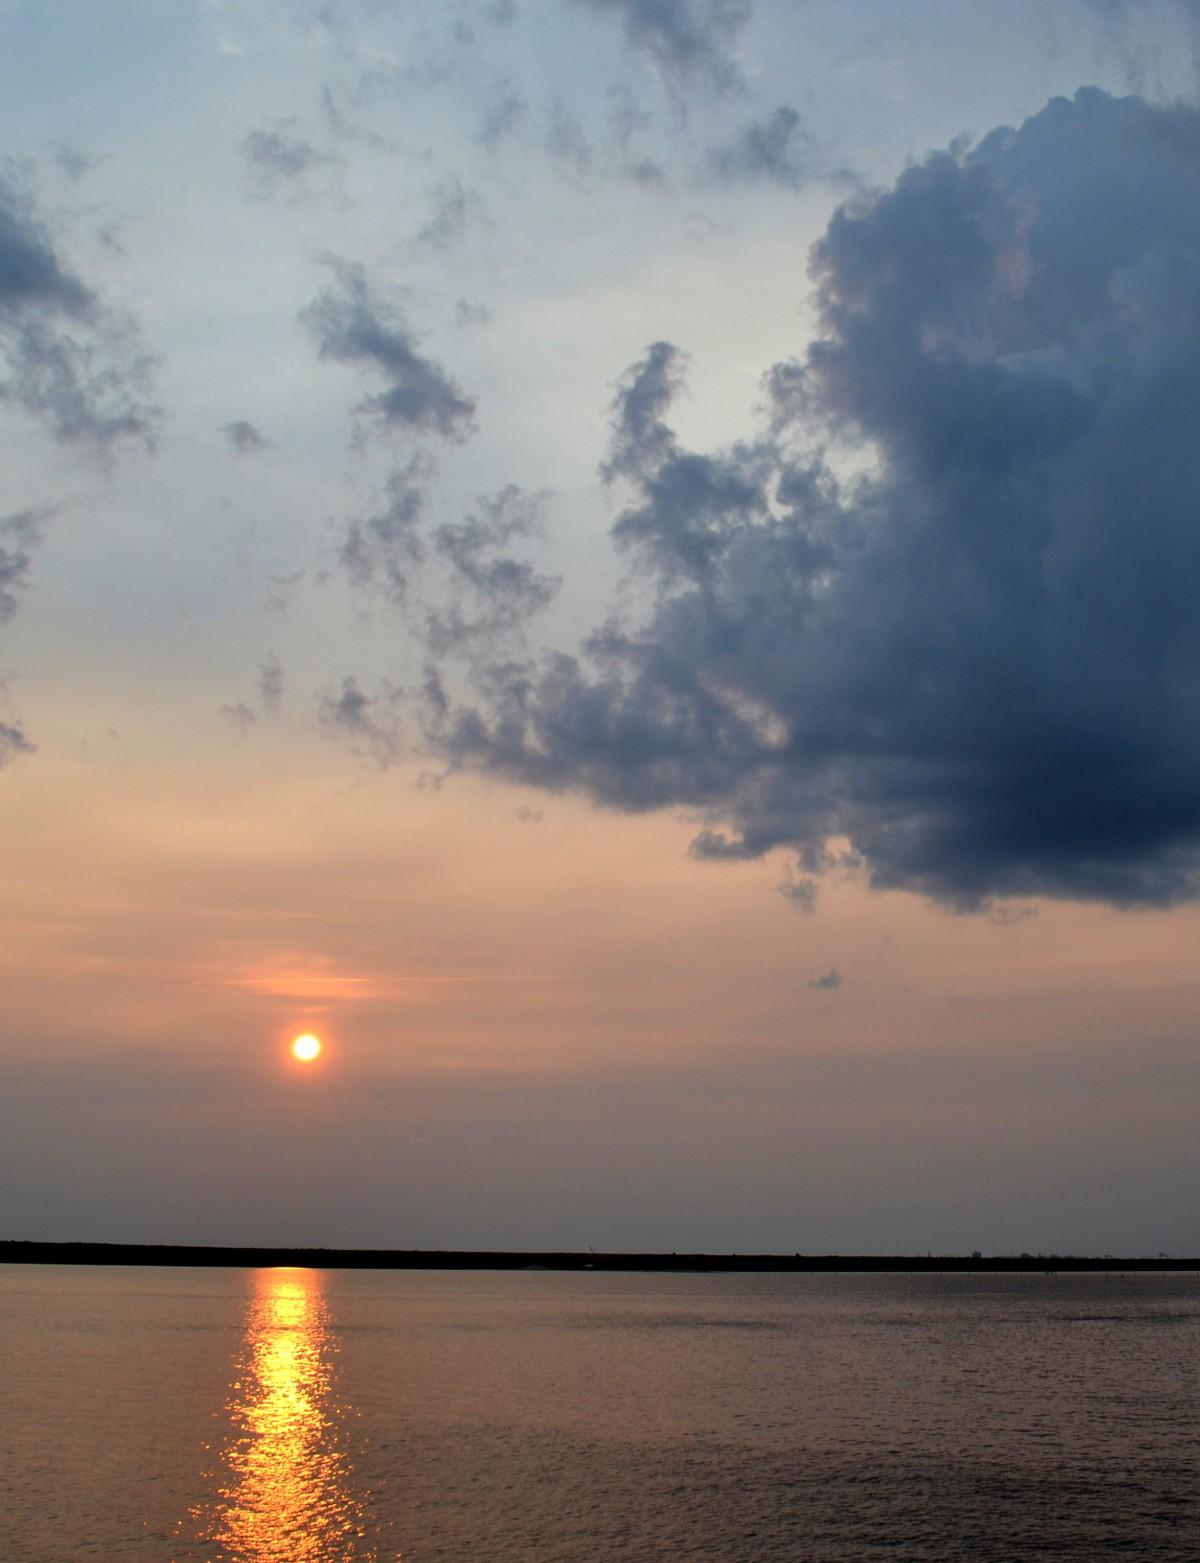 sunset_norfolk_harbor